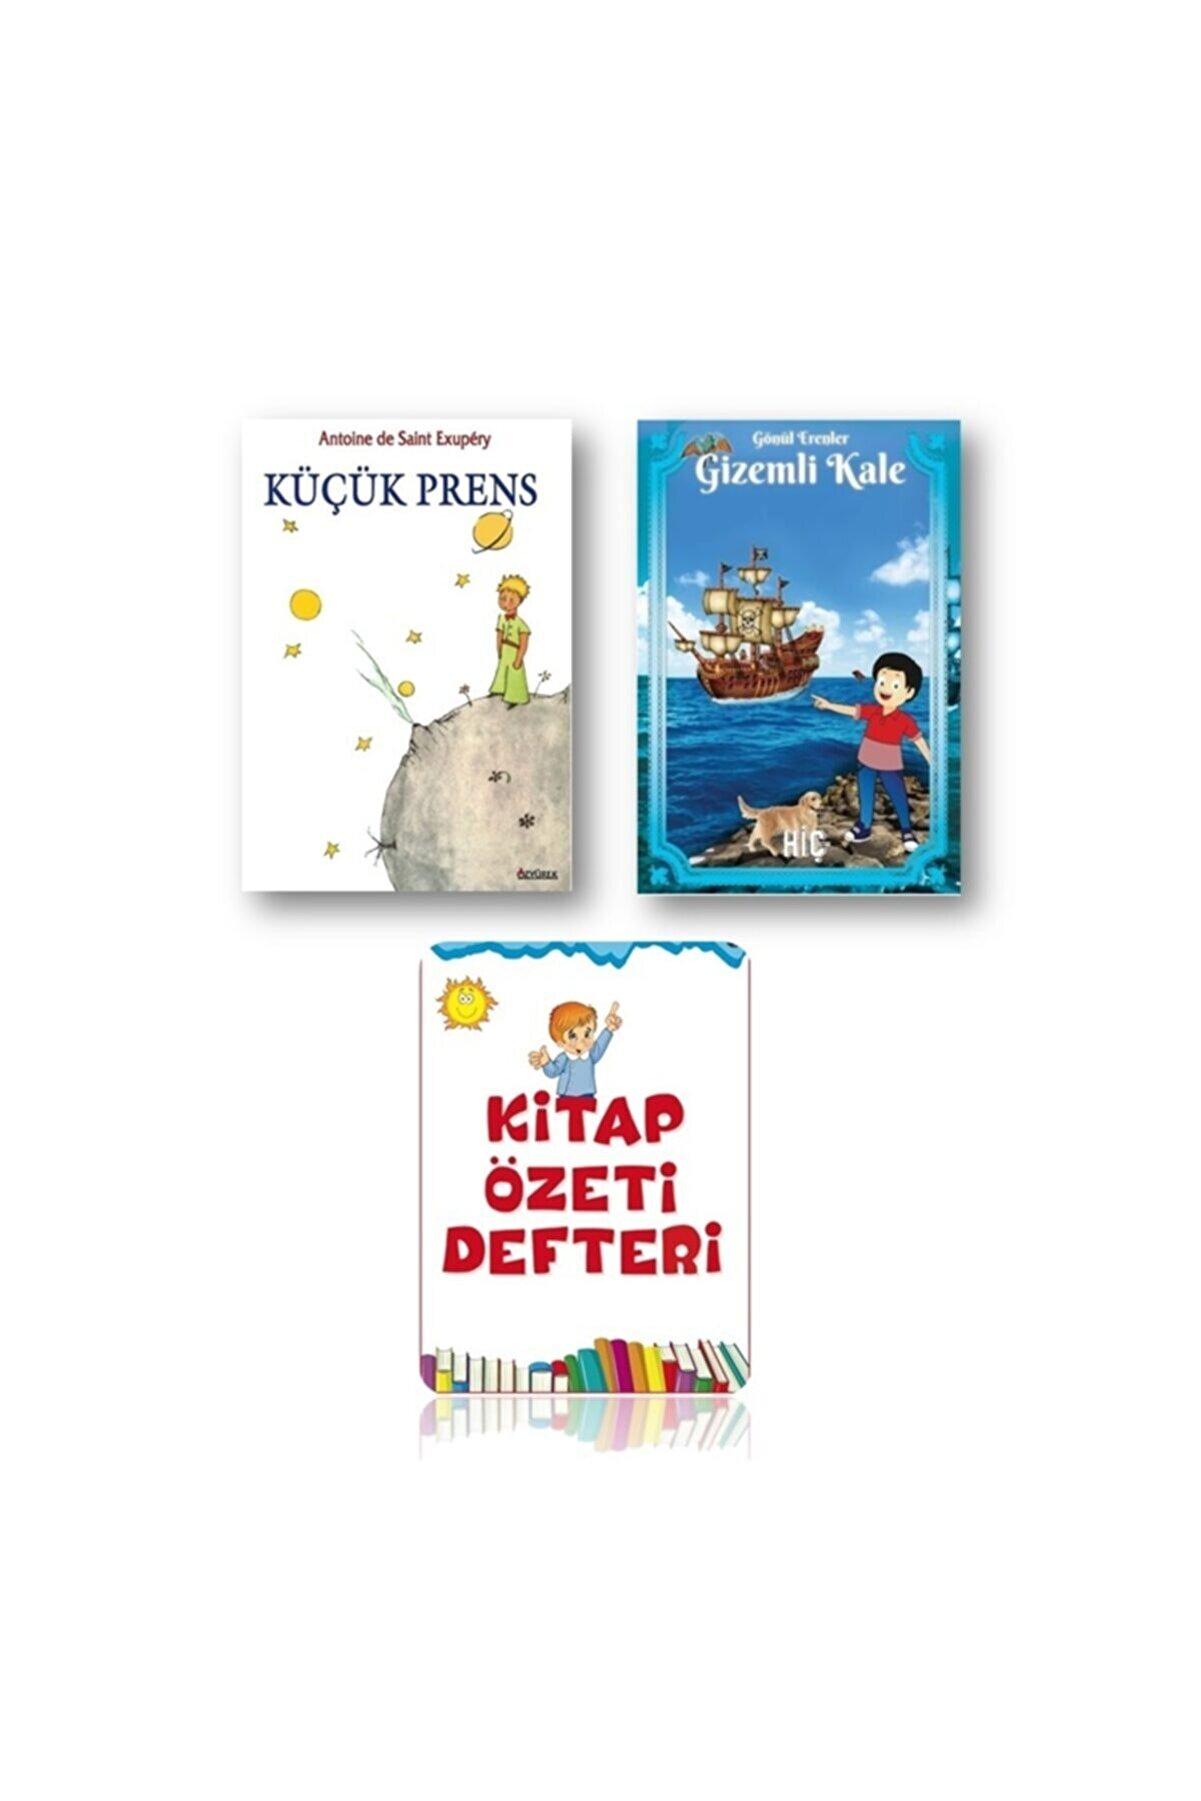 Özyürek Yayınları Küçük Prens - Kitap Özeti Defteri - Gizemli Kale (3 Kitap)